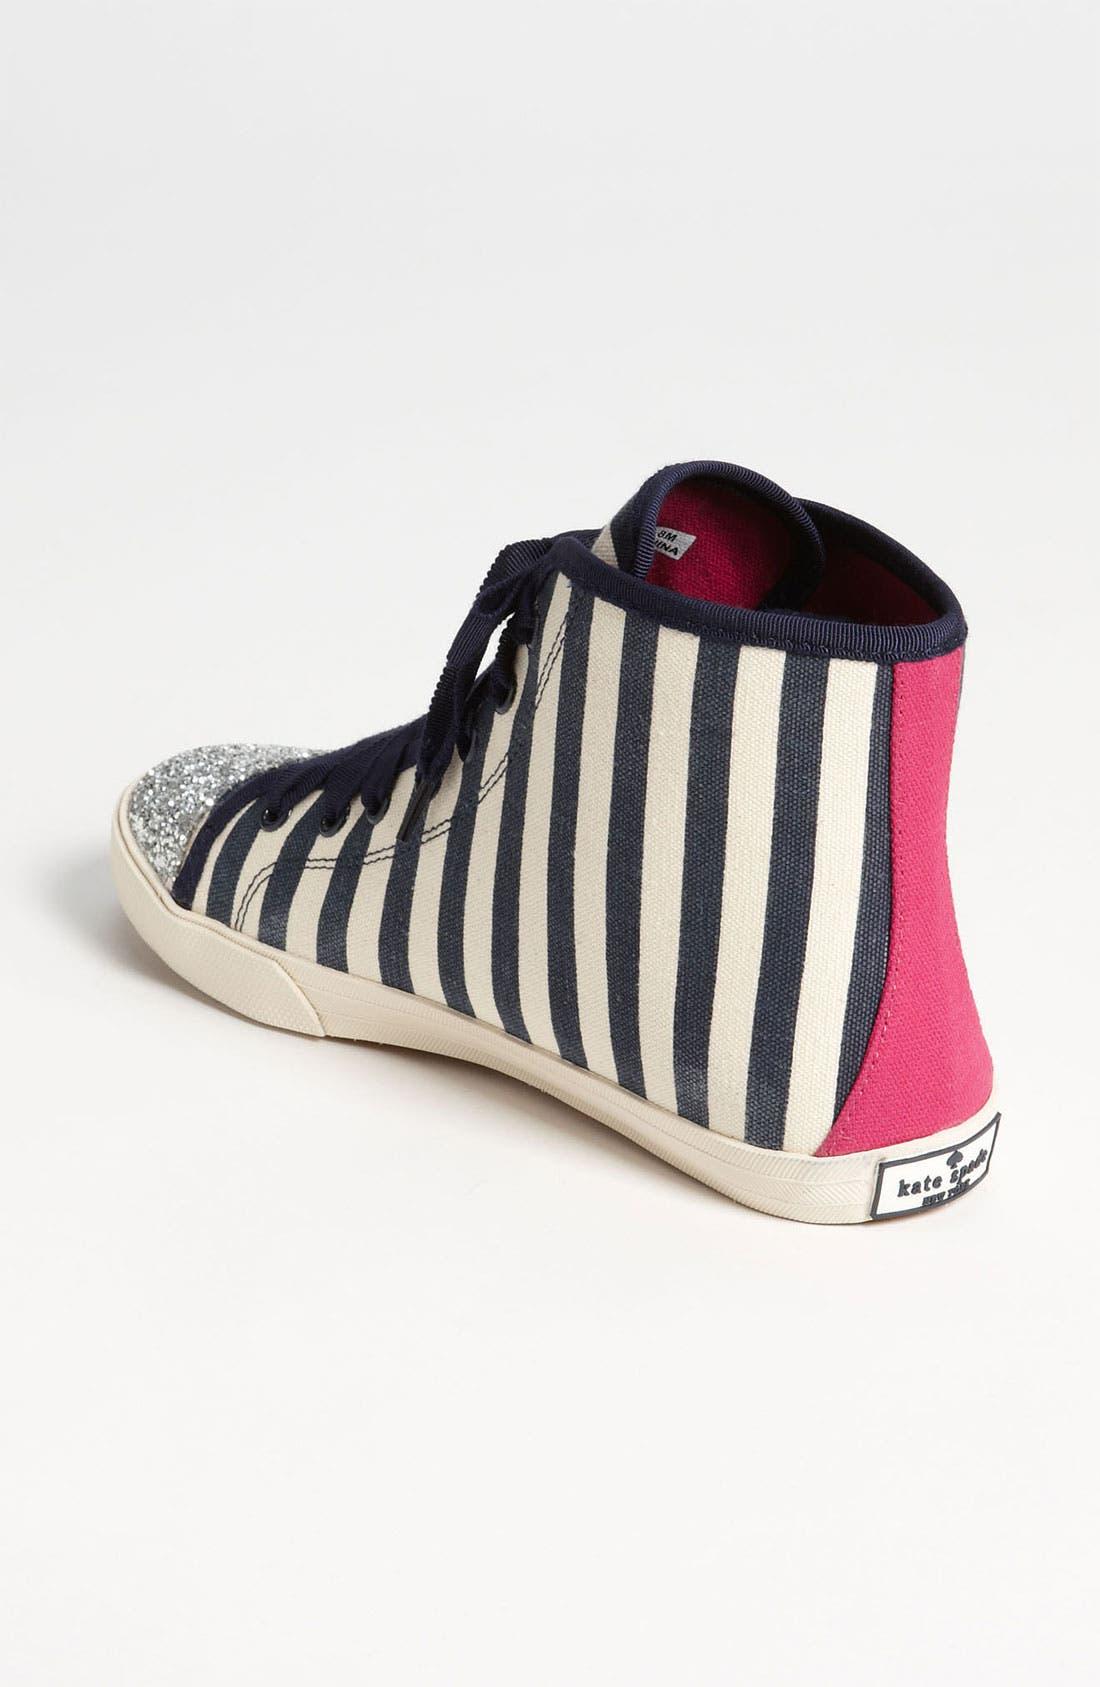 Alternate Image 2  - kate spade new york 'lorna' sneaker